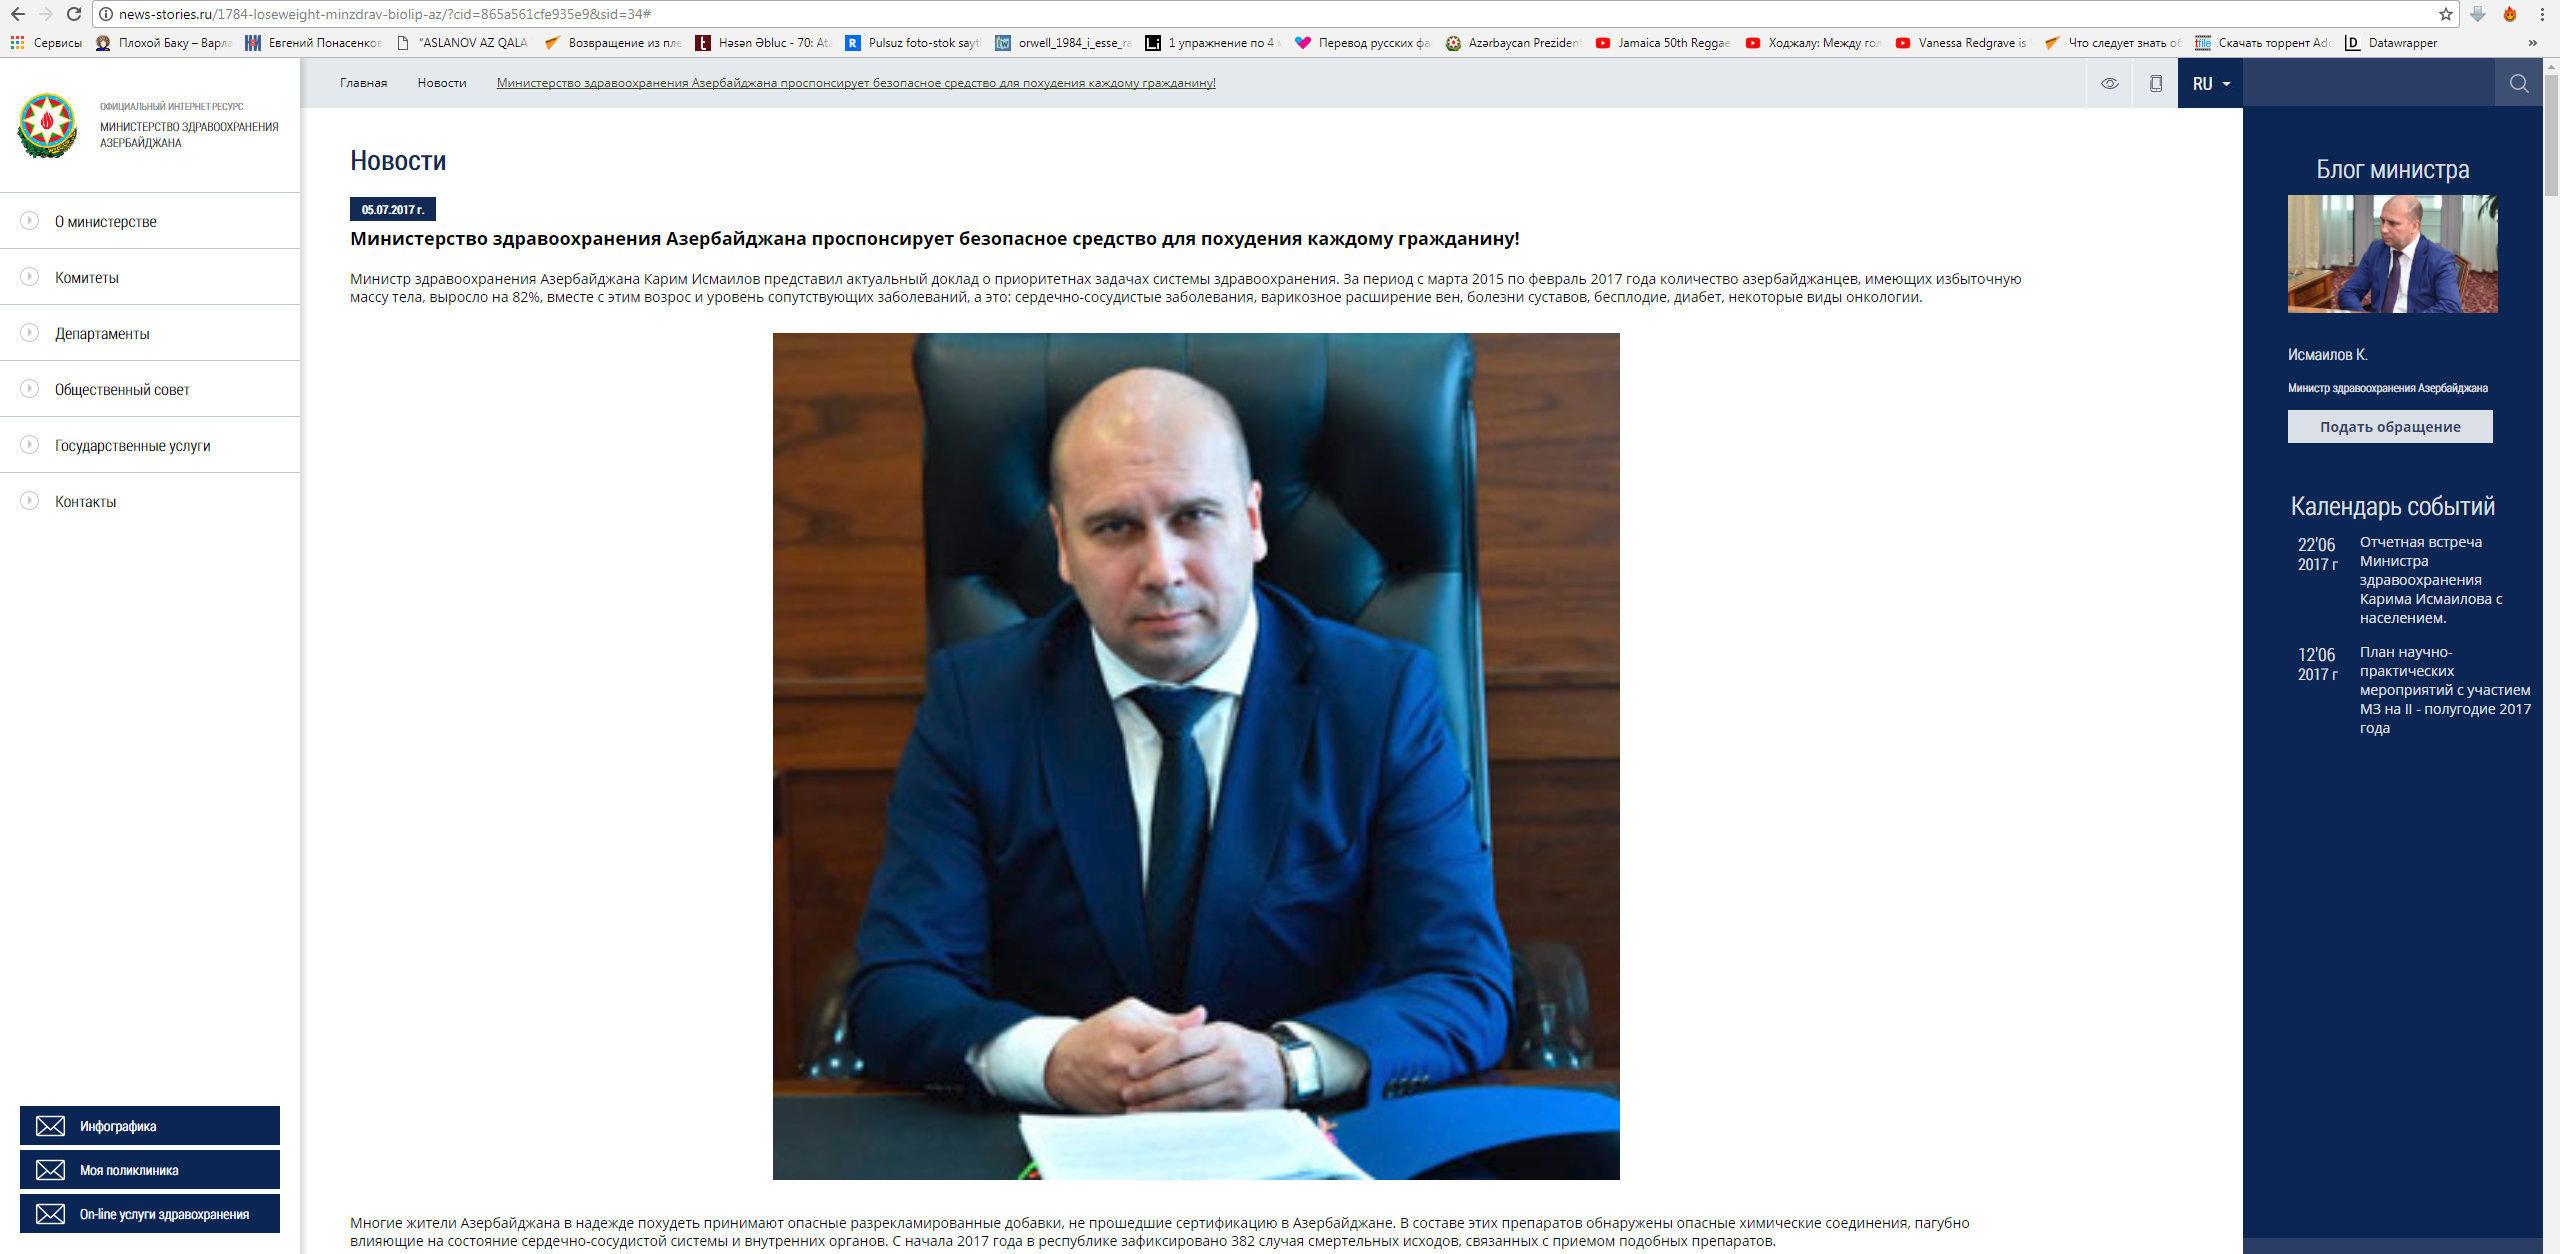 Фейковый сайт Министерства здравоохранения Азербайджана